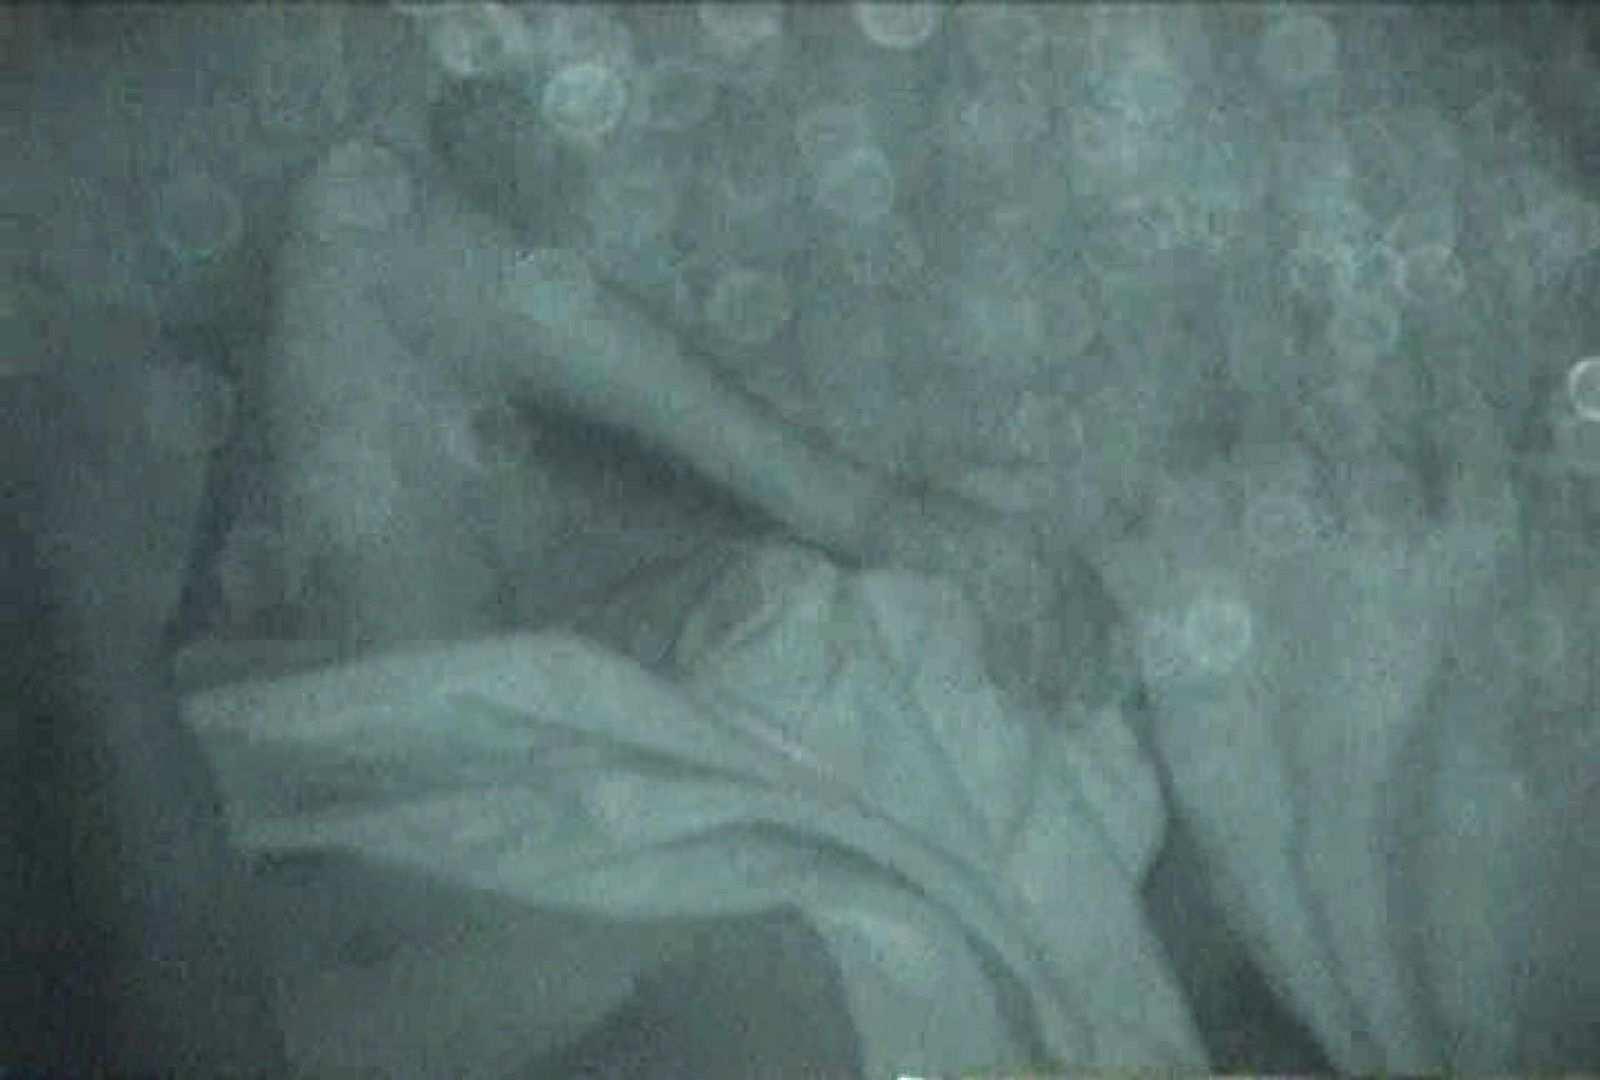 充血監督の深夜の運動会Vol.86 エロティックなOL  98画像 72